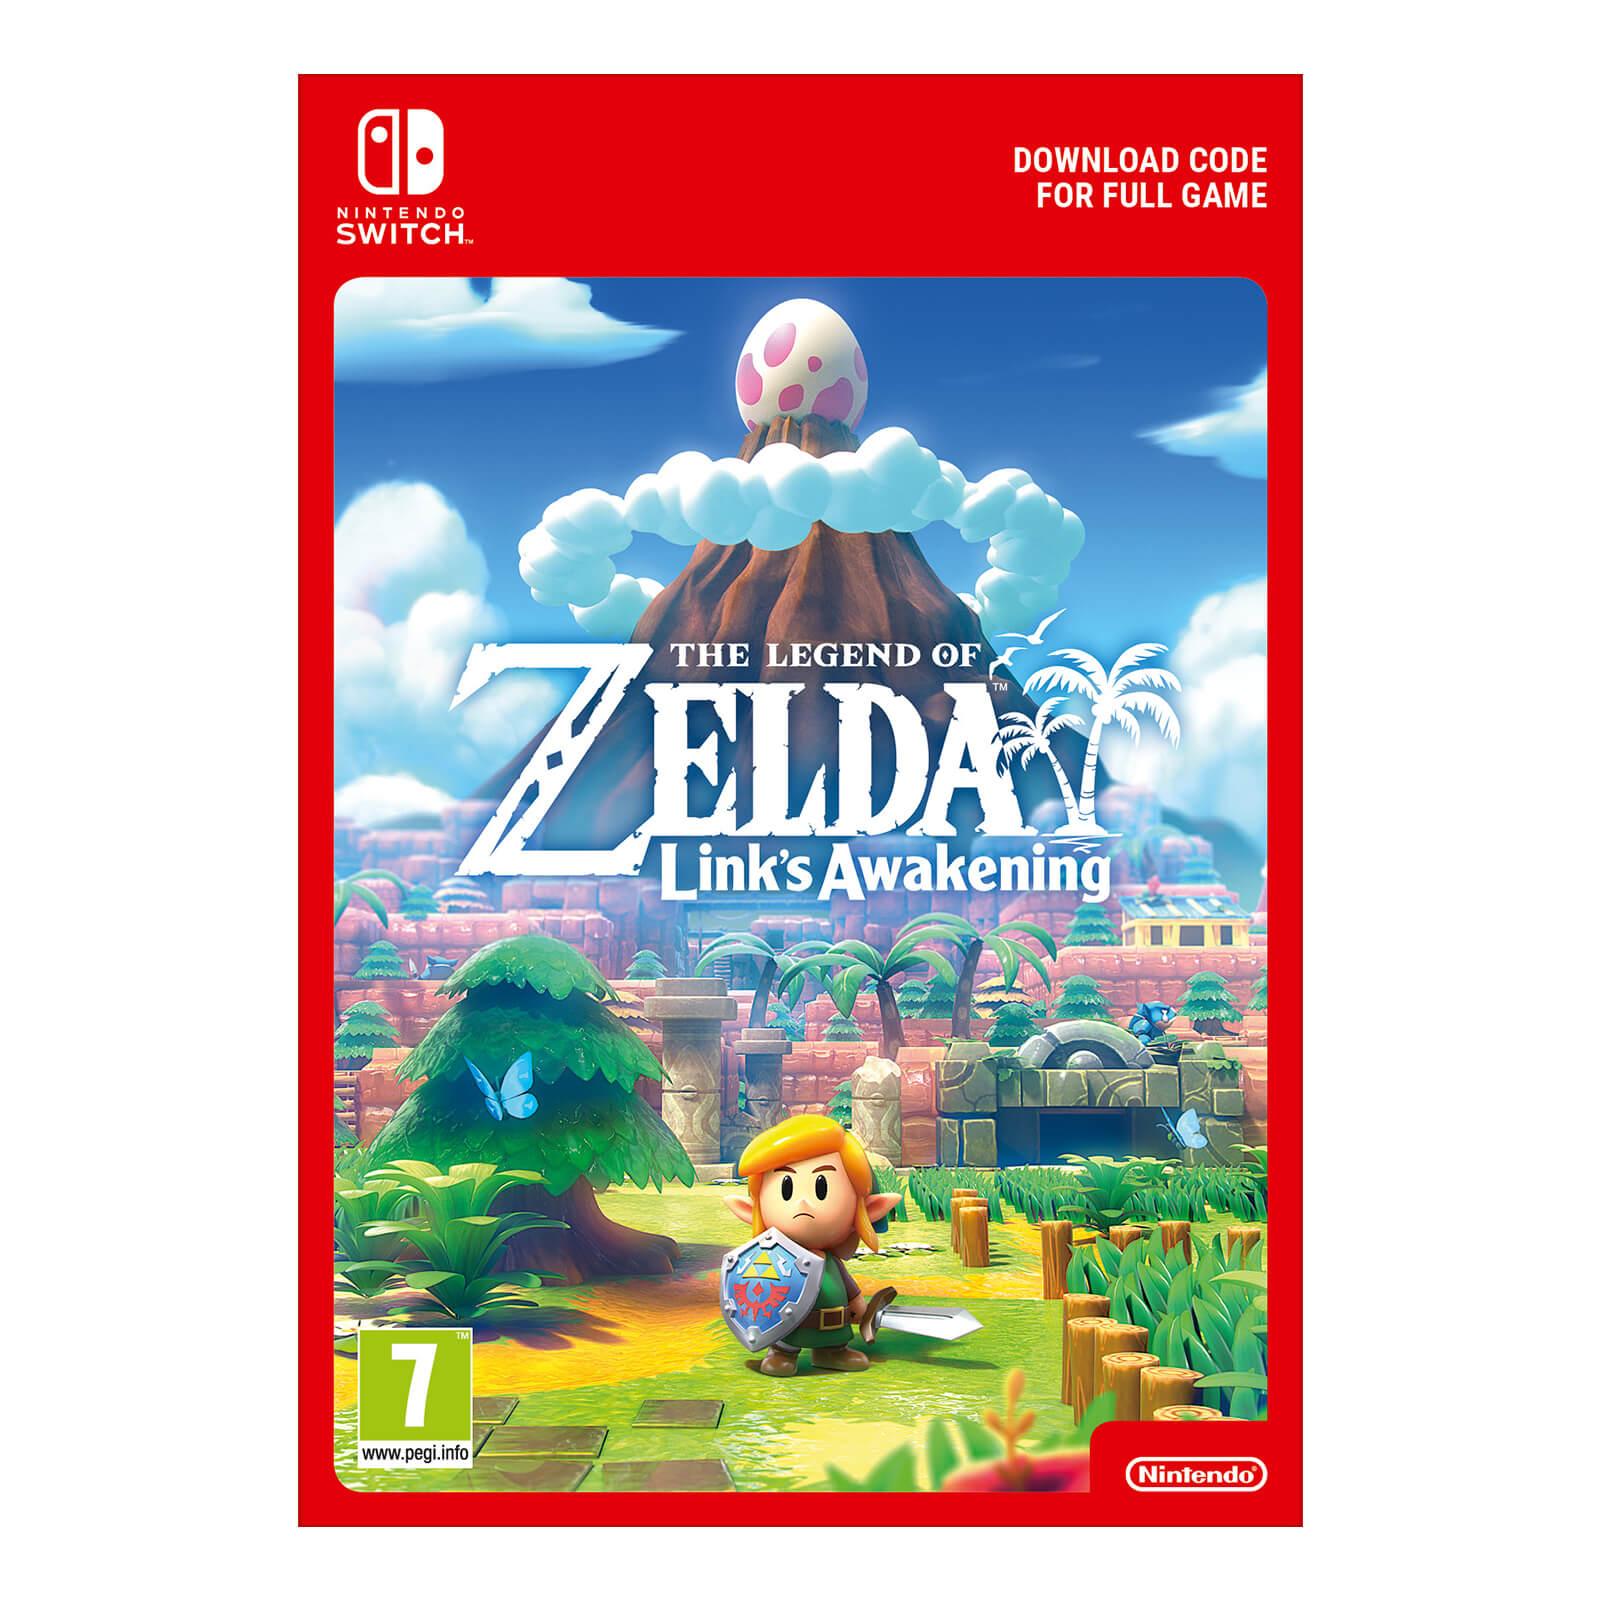 The Legend of Zelda: Link's Awakening - Digital Download £33.29 delivered @ Nintendo Official UK